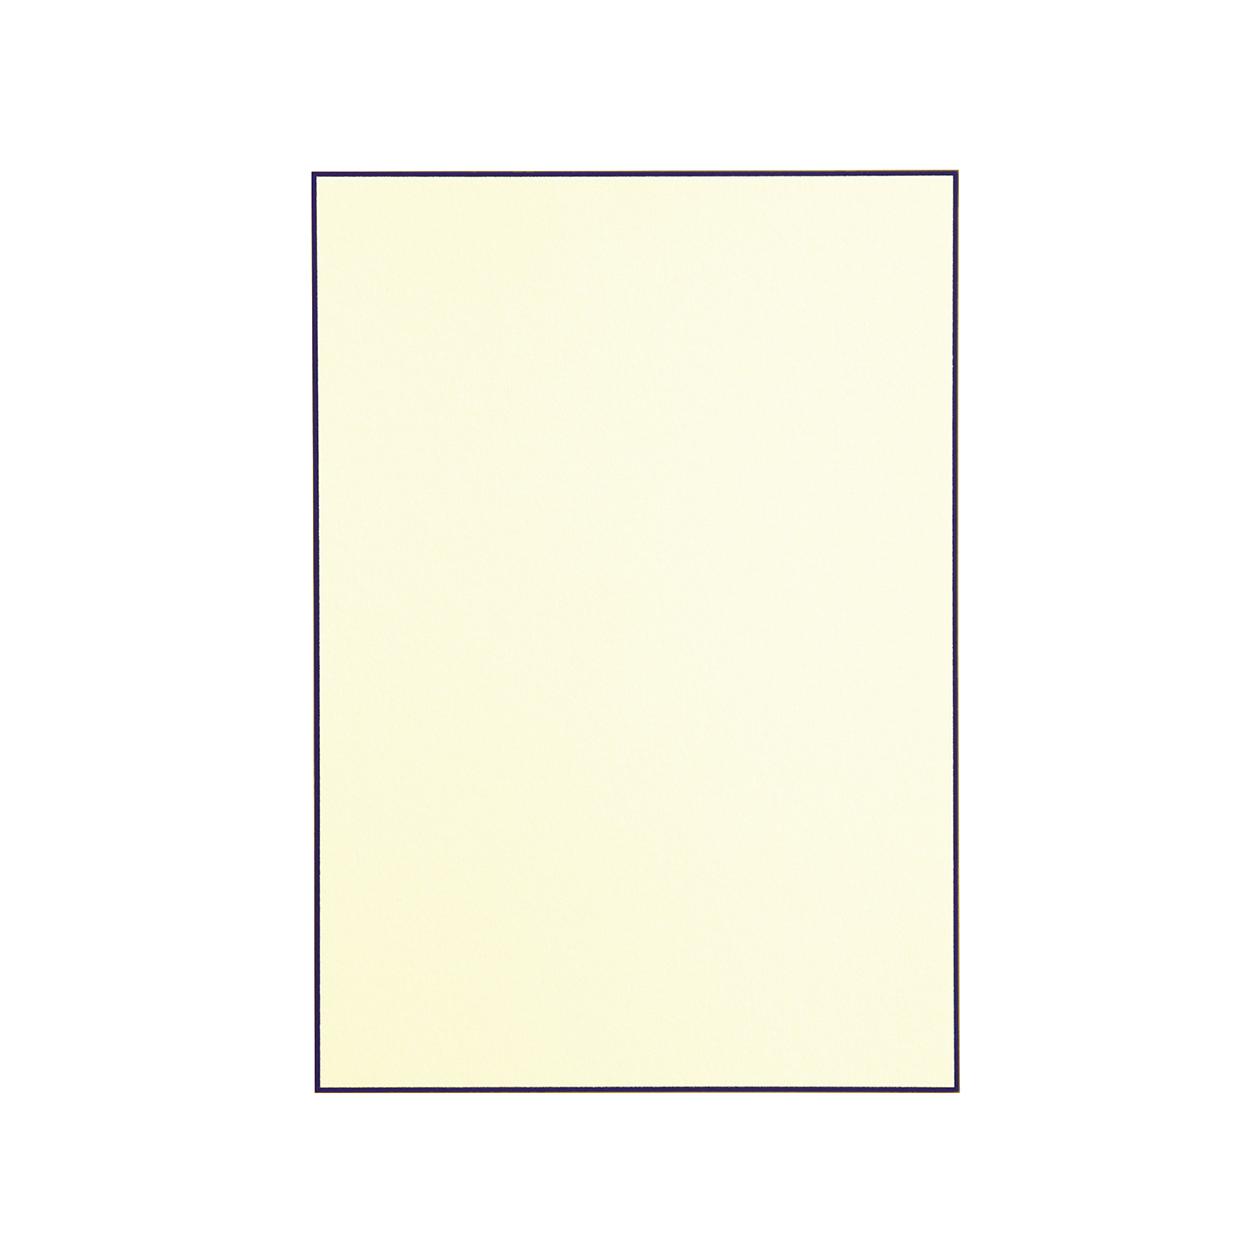 No.57ボーダード Pカード ミッドナイトブルー 232.8g